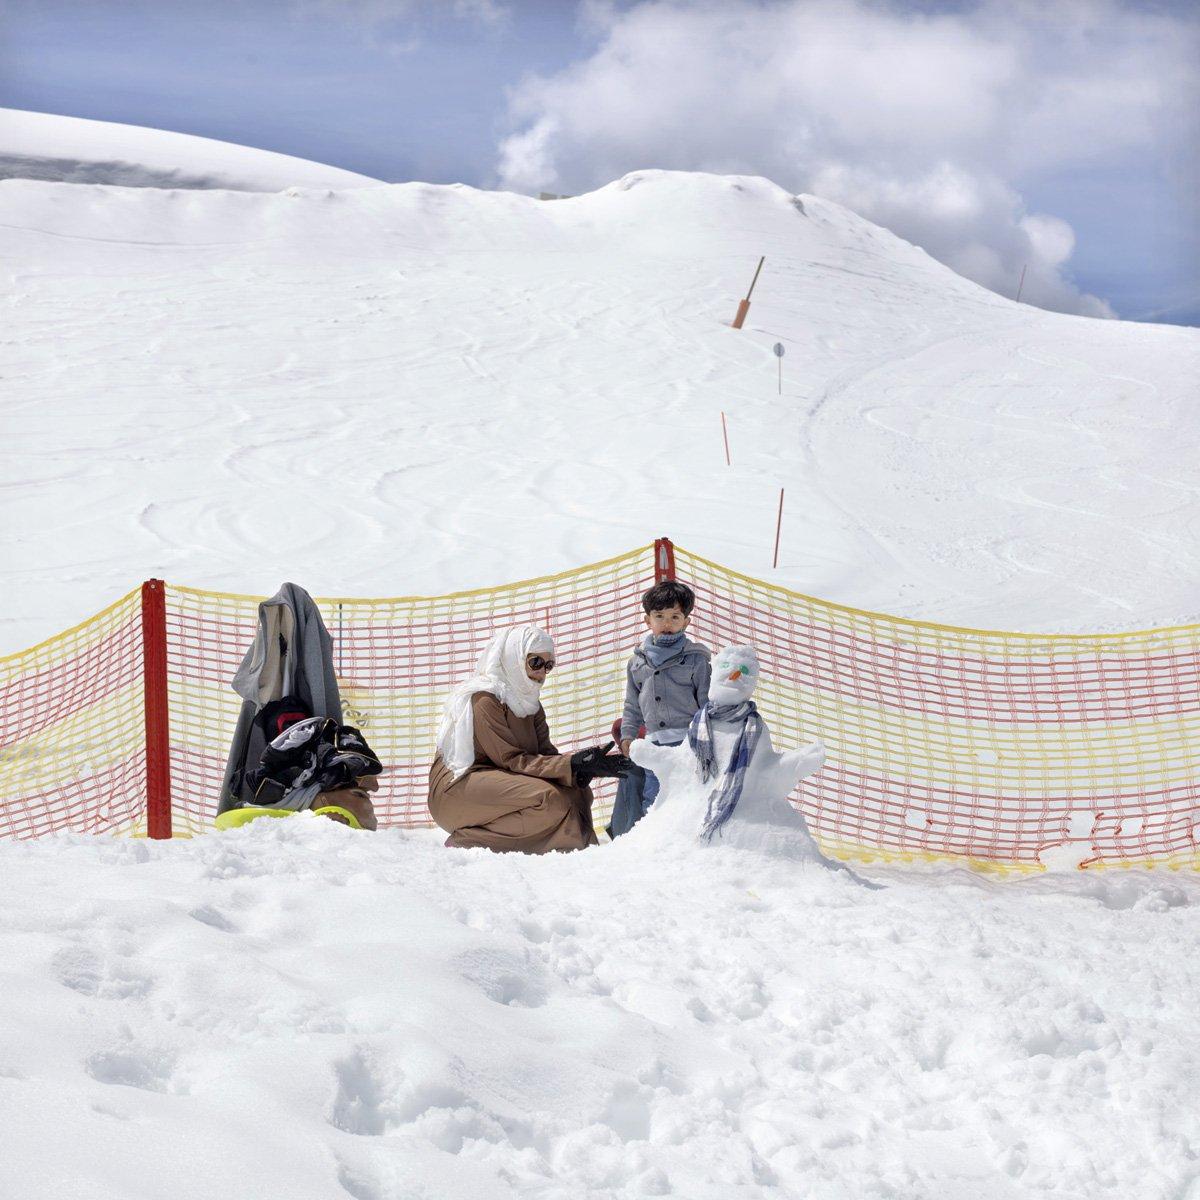 Turistas do Oriente Médio invadem cidade idílica alpina para escapar do calor do verão escaldante 16